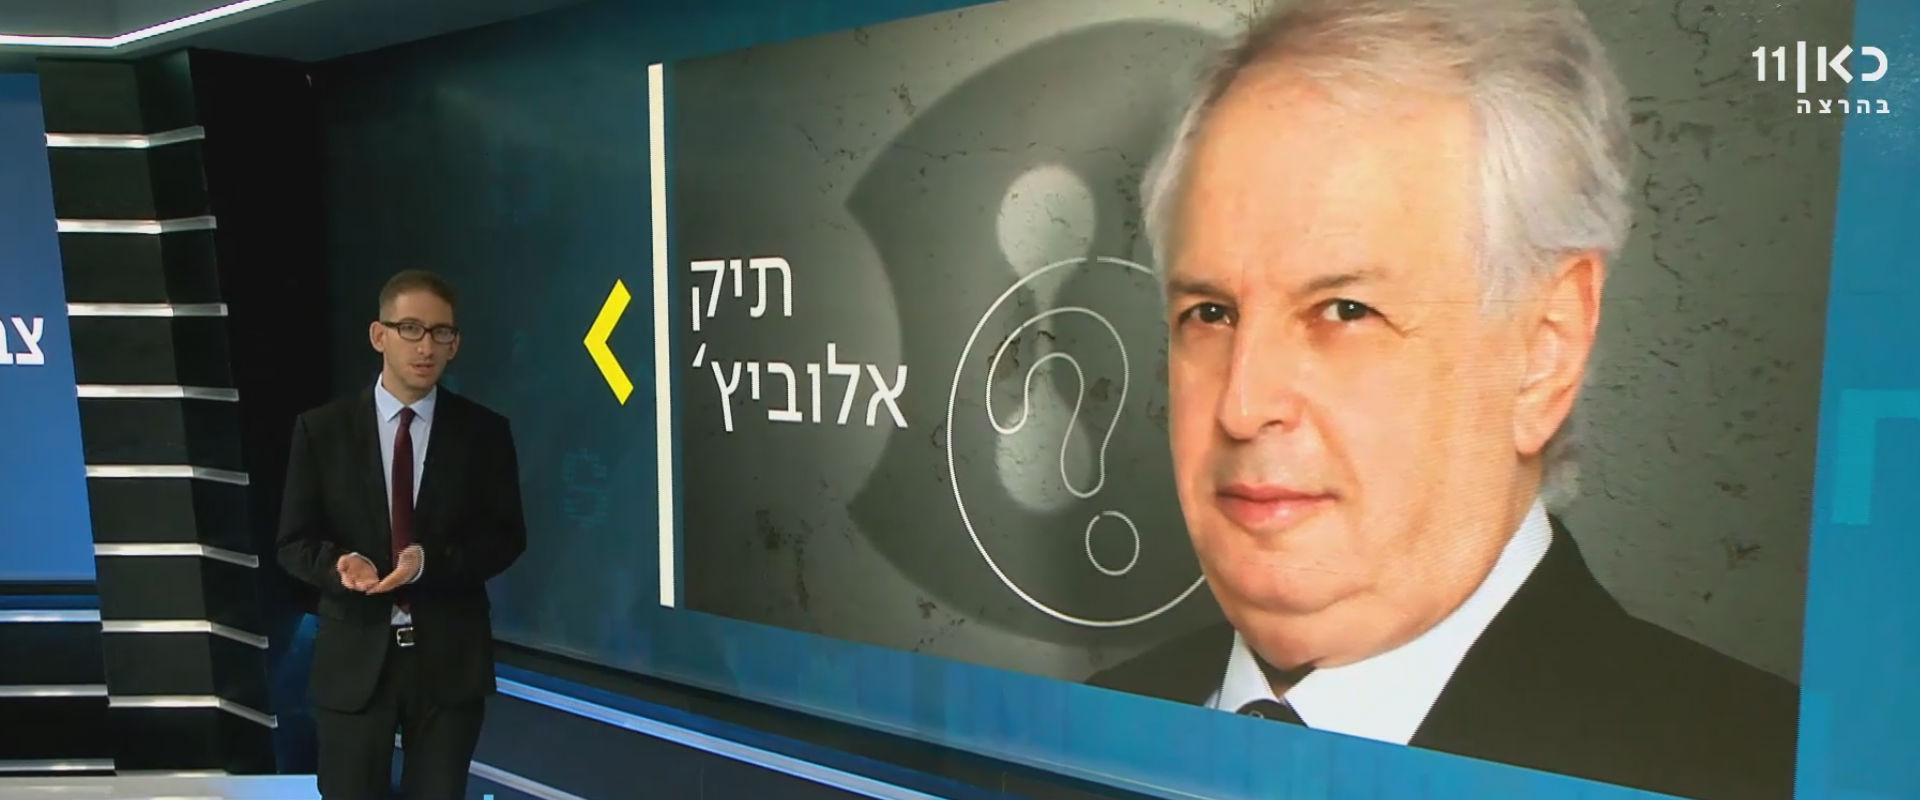 שאול אמסטרדמסקי מסביר את פרשת אלוביץ'